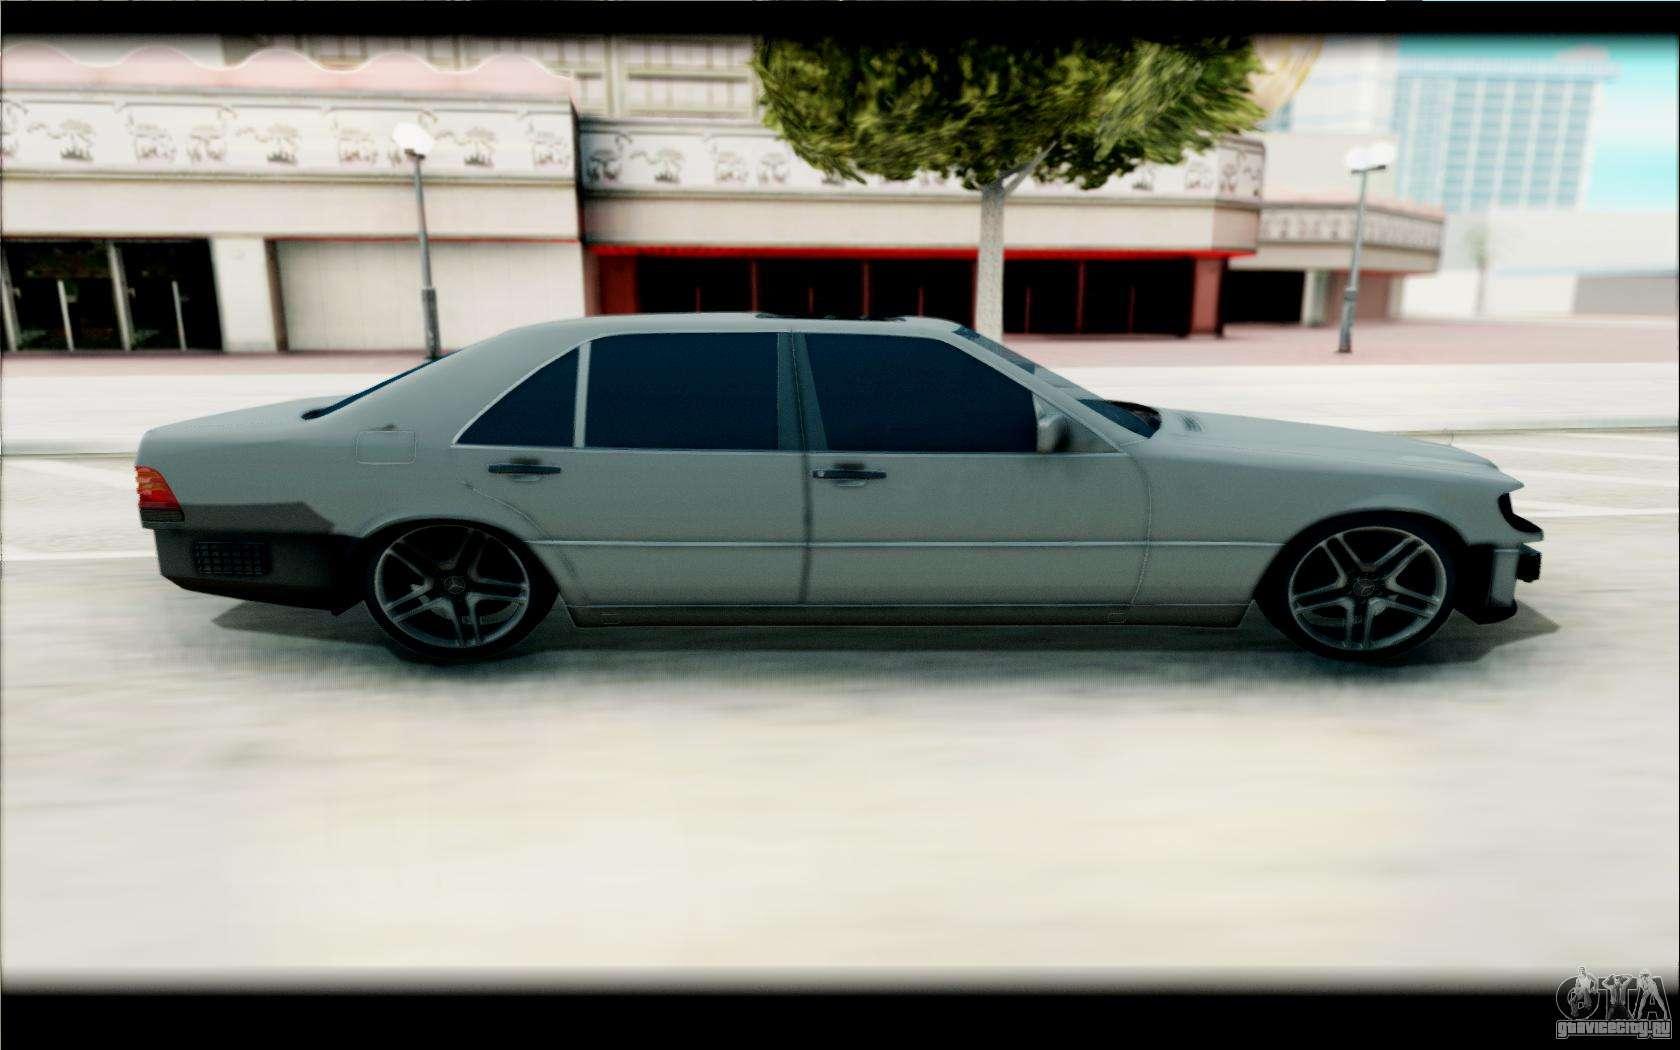 Mercedes Benz 600sel Gta San Andreas